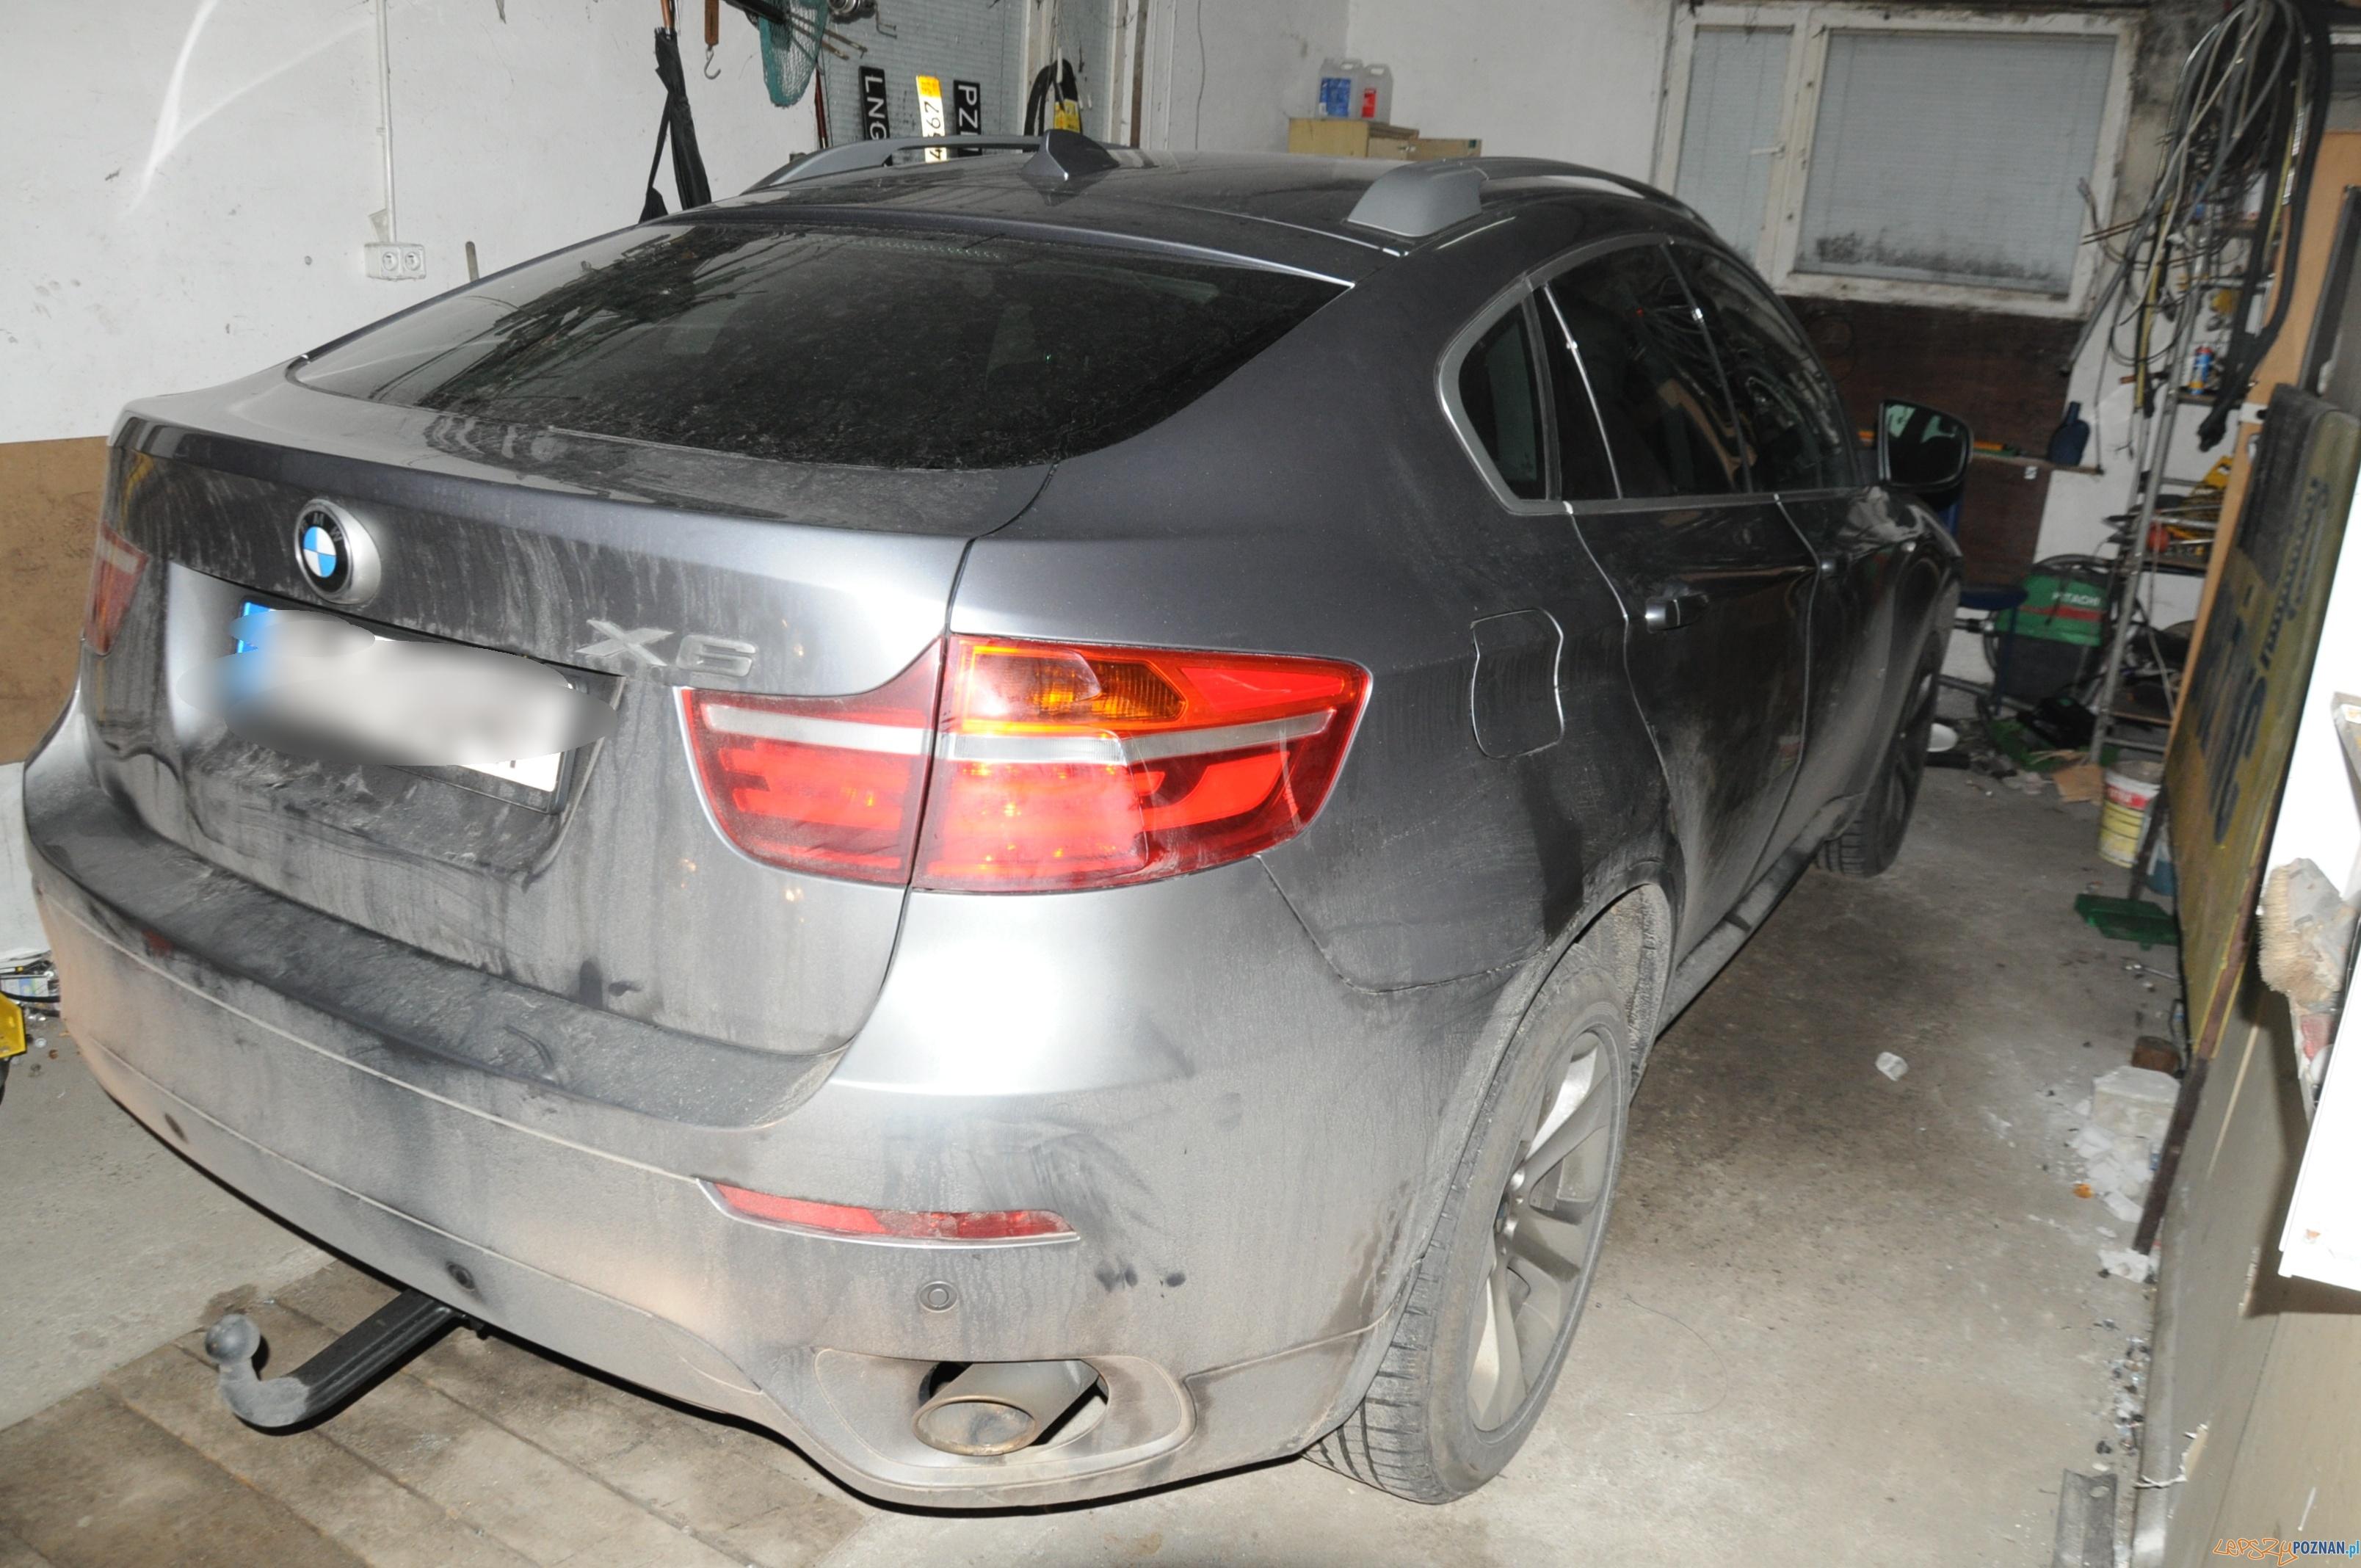 Policjanci odzyskali BMW  Foto: KMP